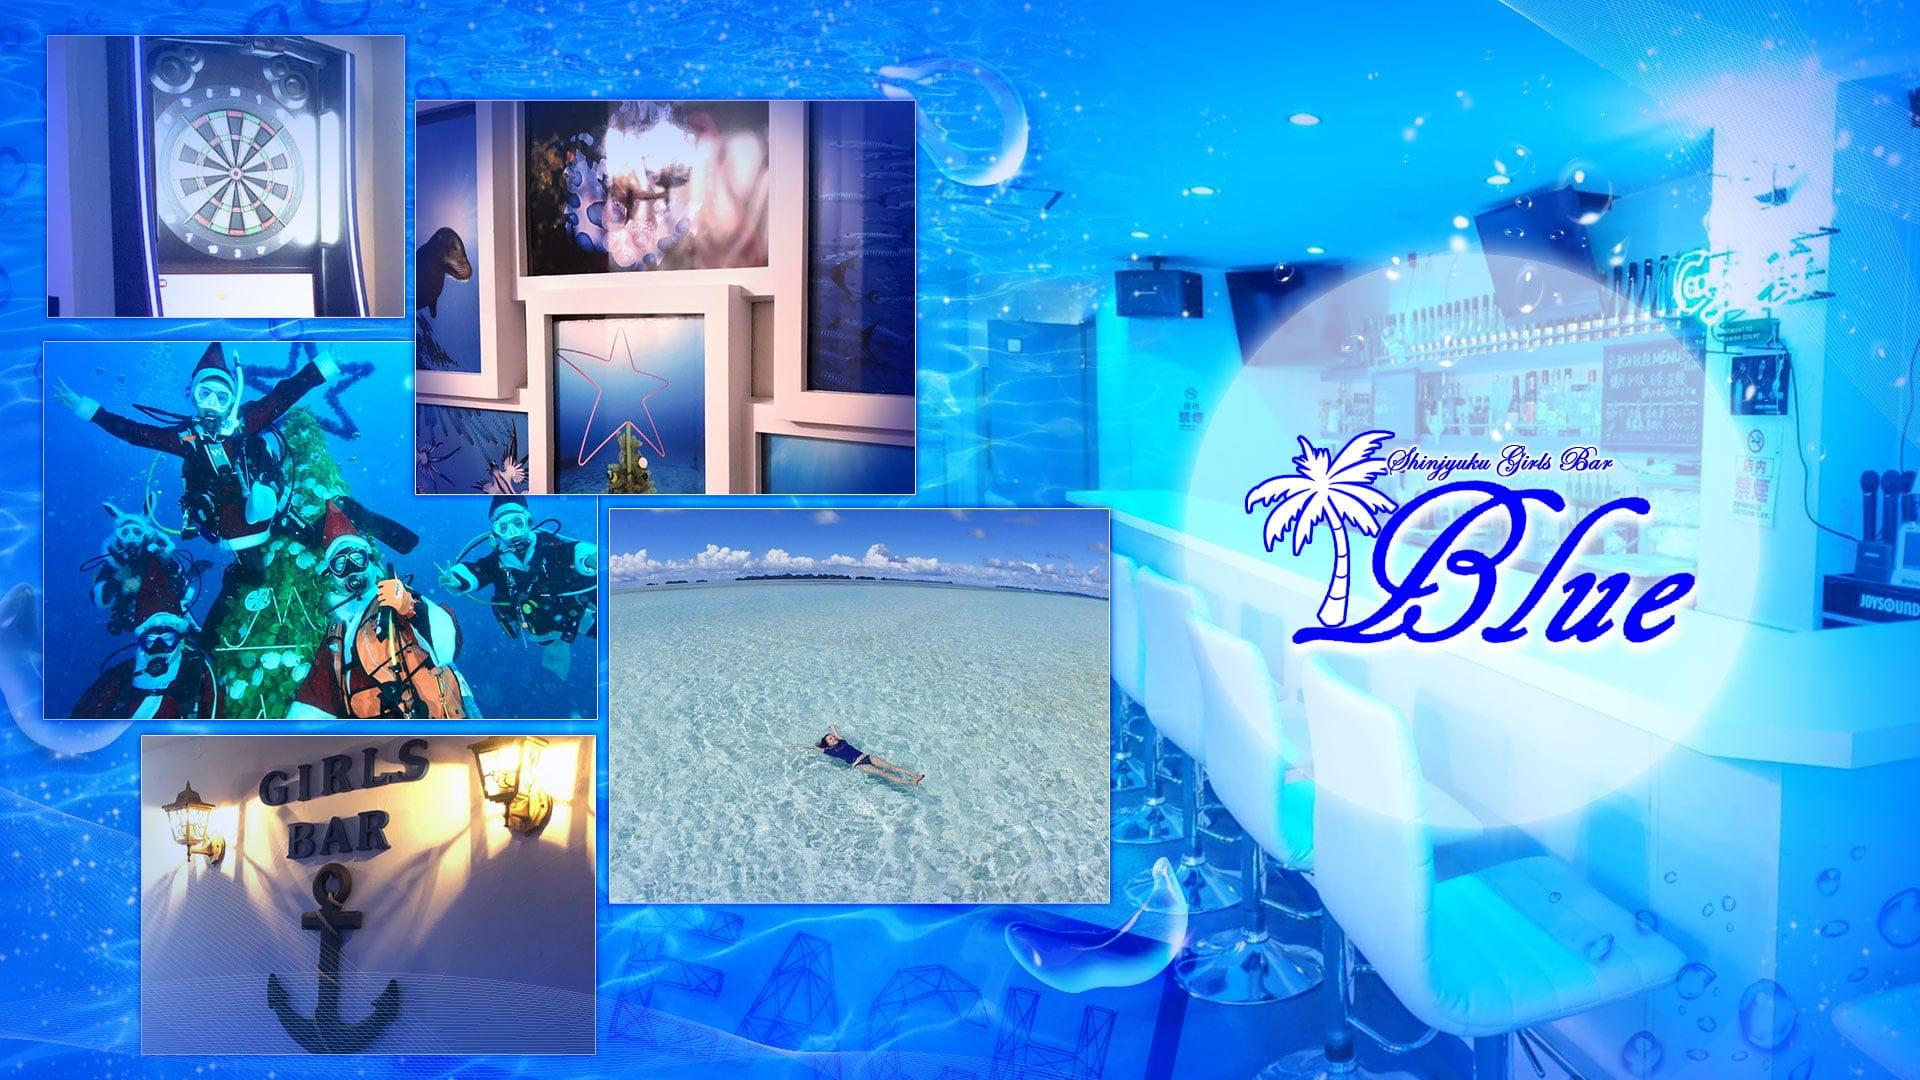 【昼・夜】Girl's Bar Blue(ブルー)【公式求人・体入情報】 歌舞伎町ガールズバー TOP画像